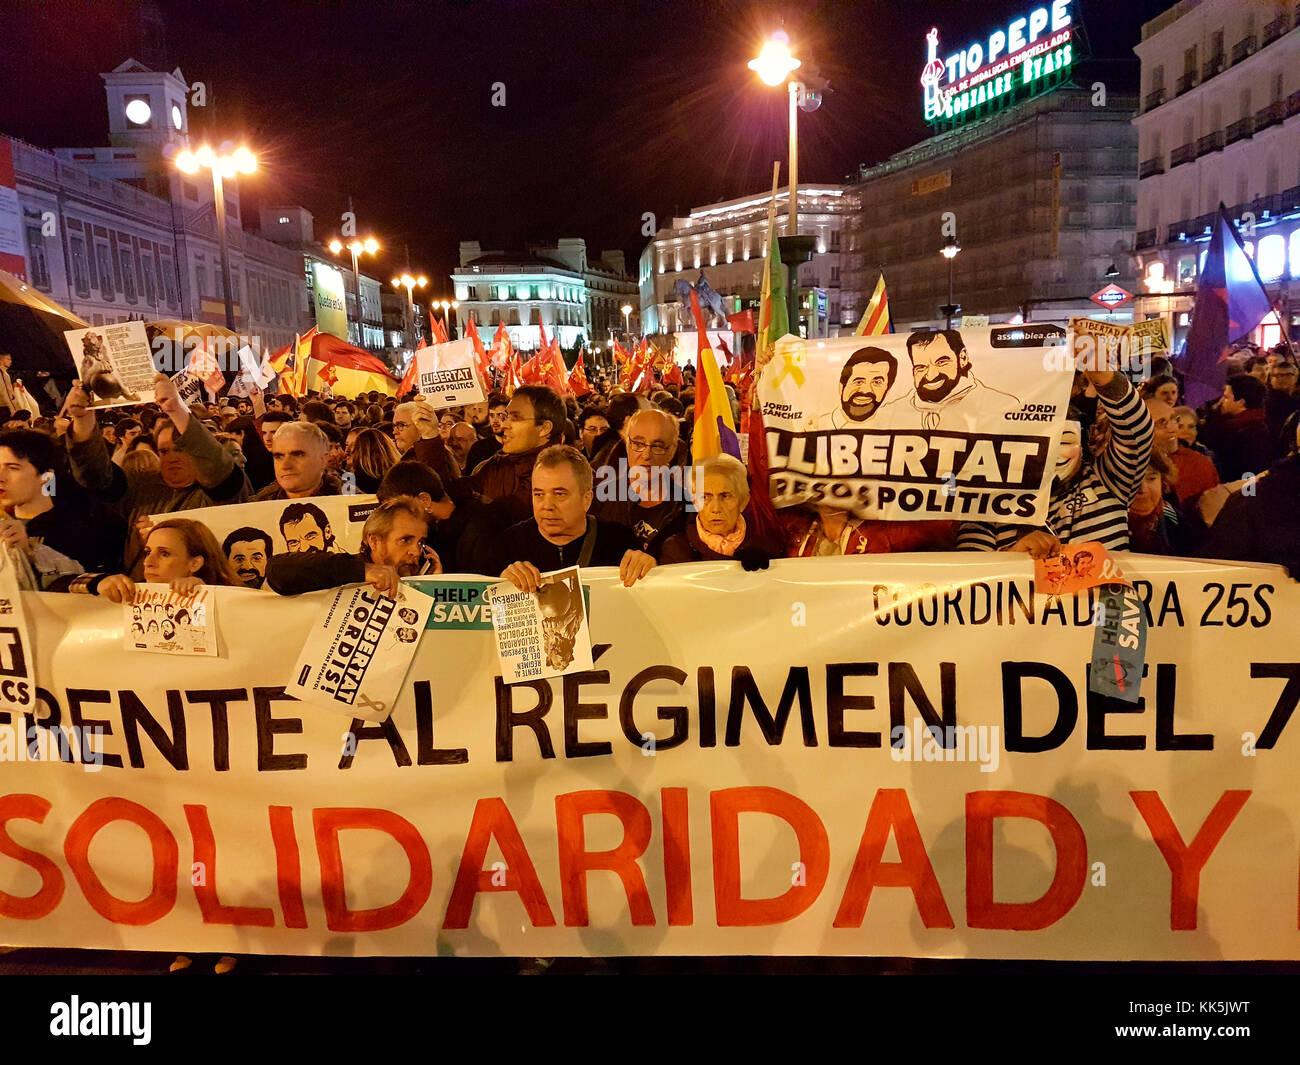 Impressionen - Demonstration gegen die Inhaftierung der katalonischen Lokalpolitiker und Aktivisten fuer eine Unabhaengigkeit - Stock Image